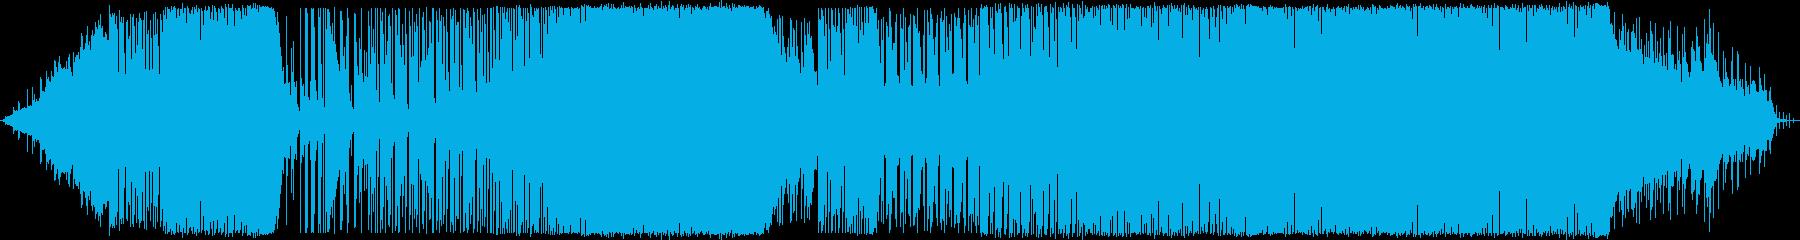 壮大な海中を感じるアップテンポダンスポッの再生済みの波形